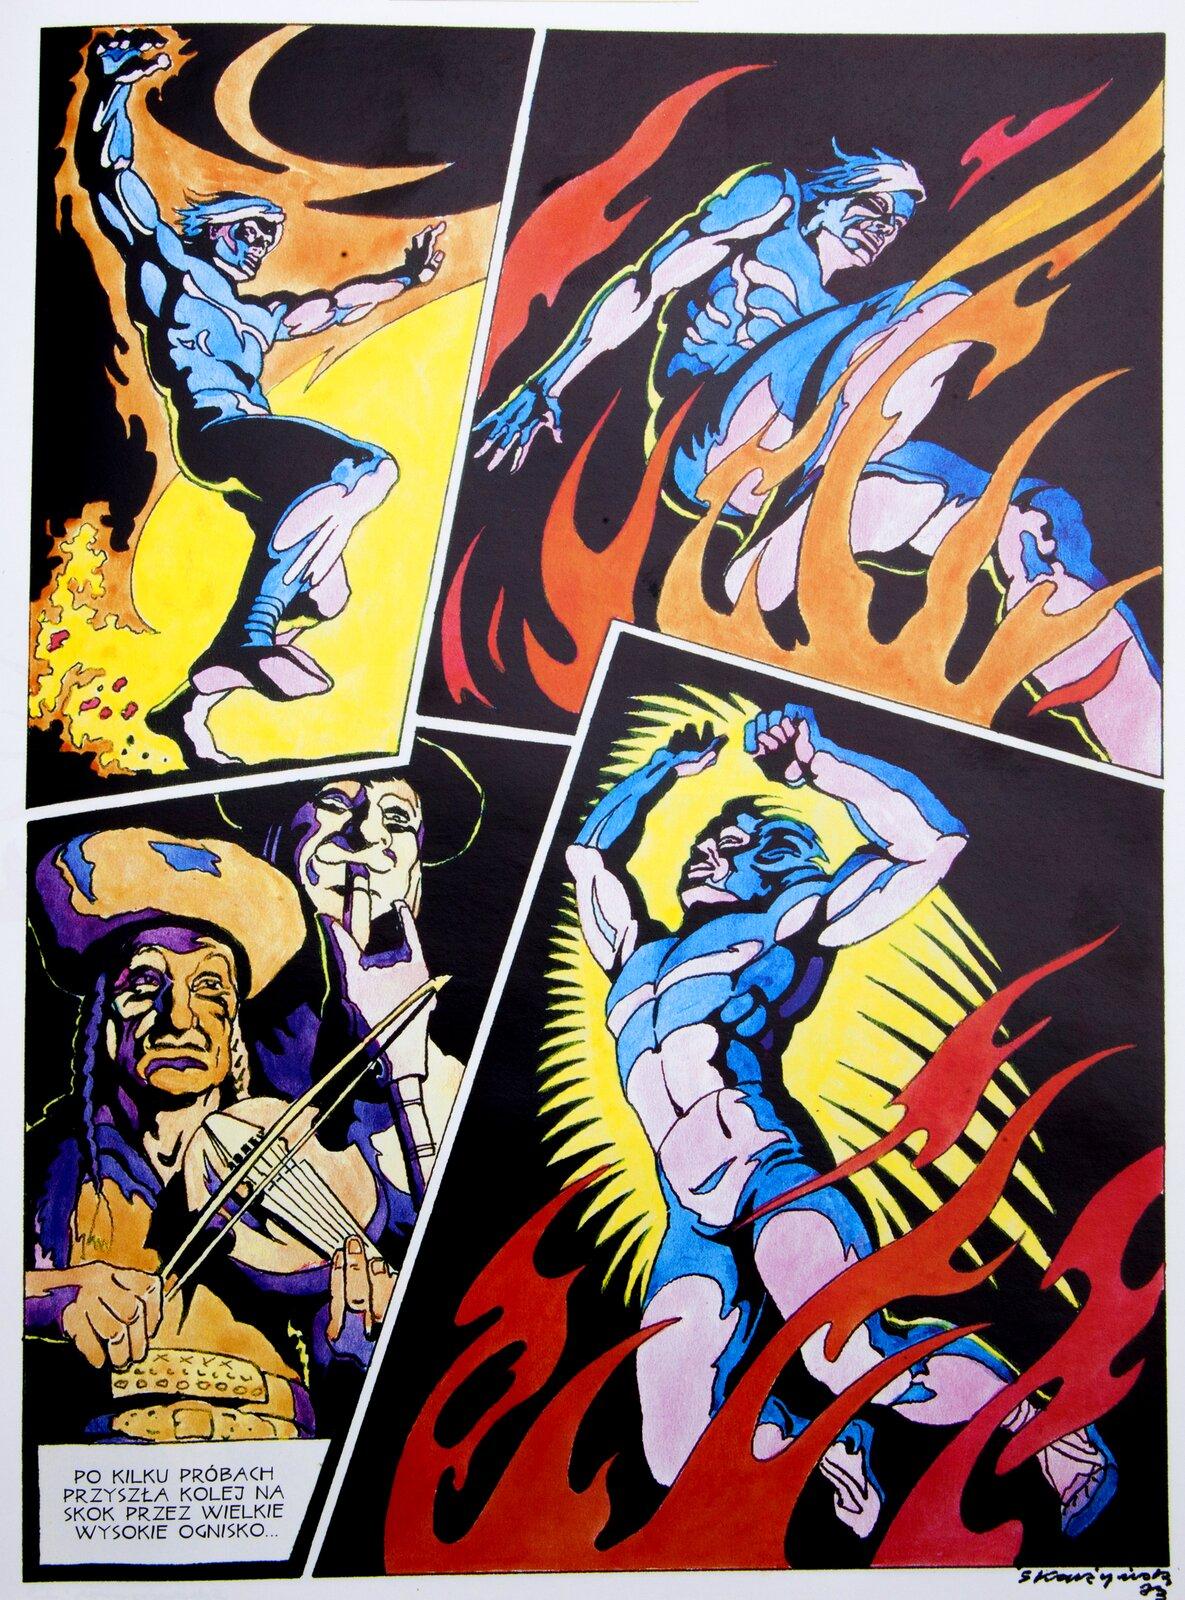 Ilustacja przestawia stronę zkomiksu, na której widzimy postać meżczny skaczącego przez ognisko, awdolnym lewym rogu grajków grających na skrzypcach.